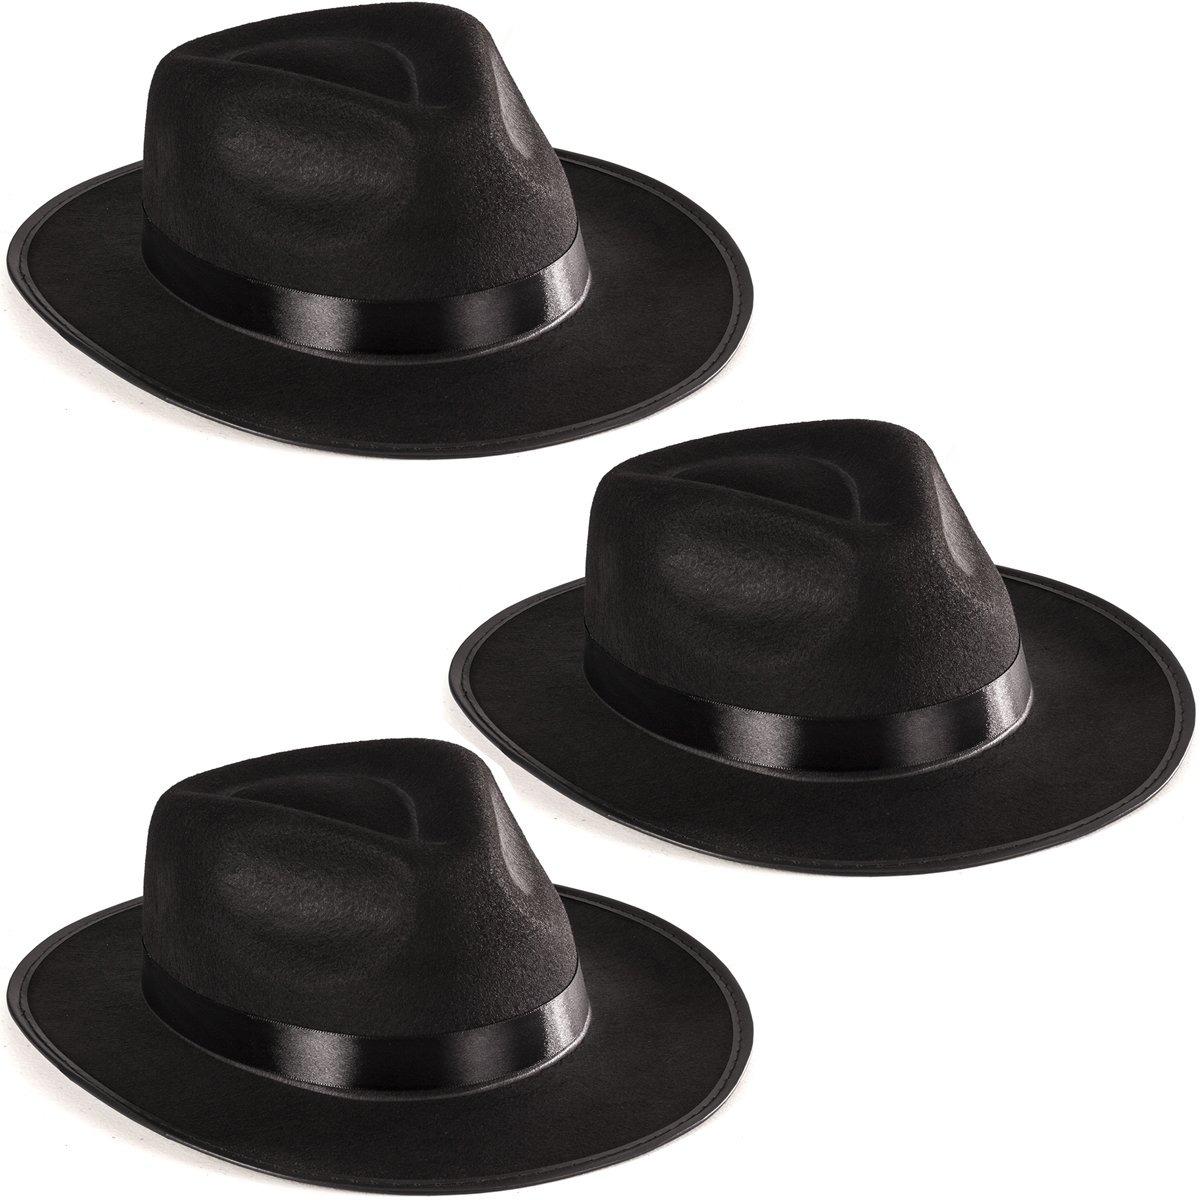 95c729bdc895b accesorio de disfraz de sombrero de gángster fedora negro -. Cargando zoom.